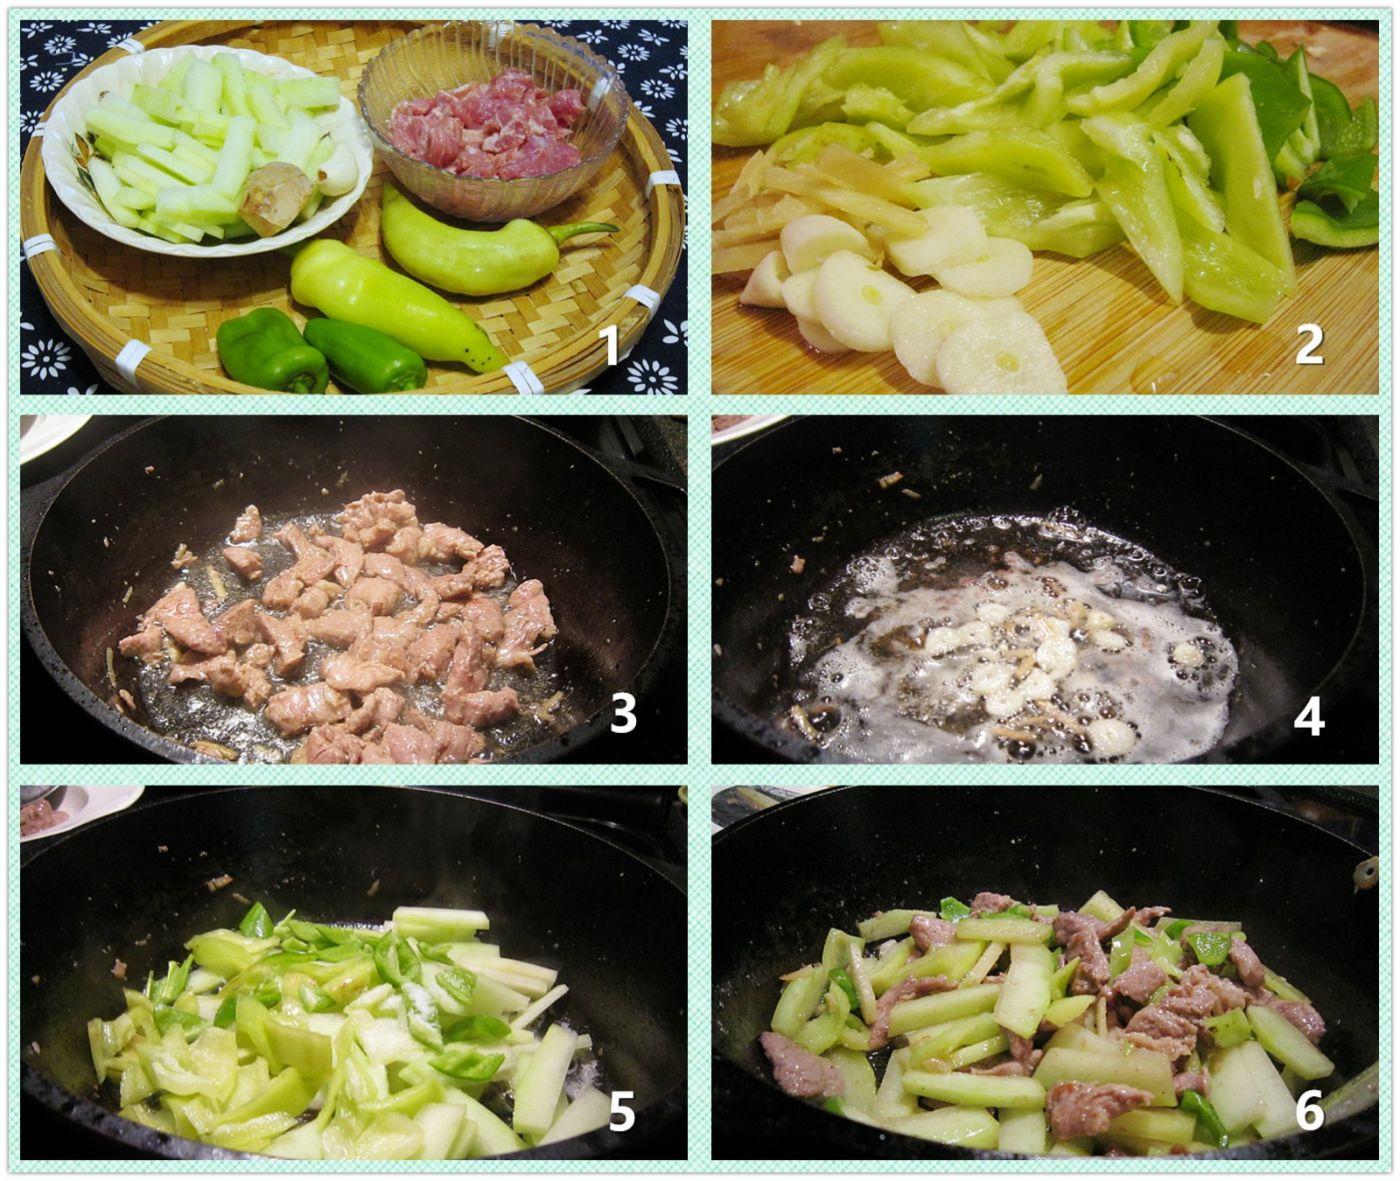 肉片炒西瓜皮_图1-2